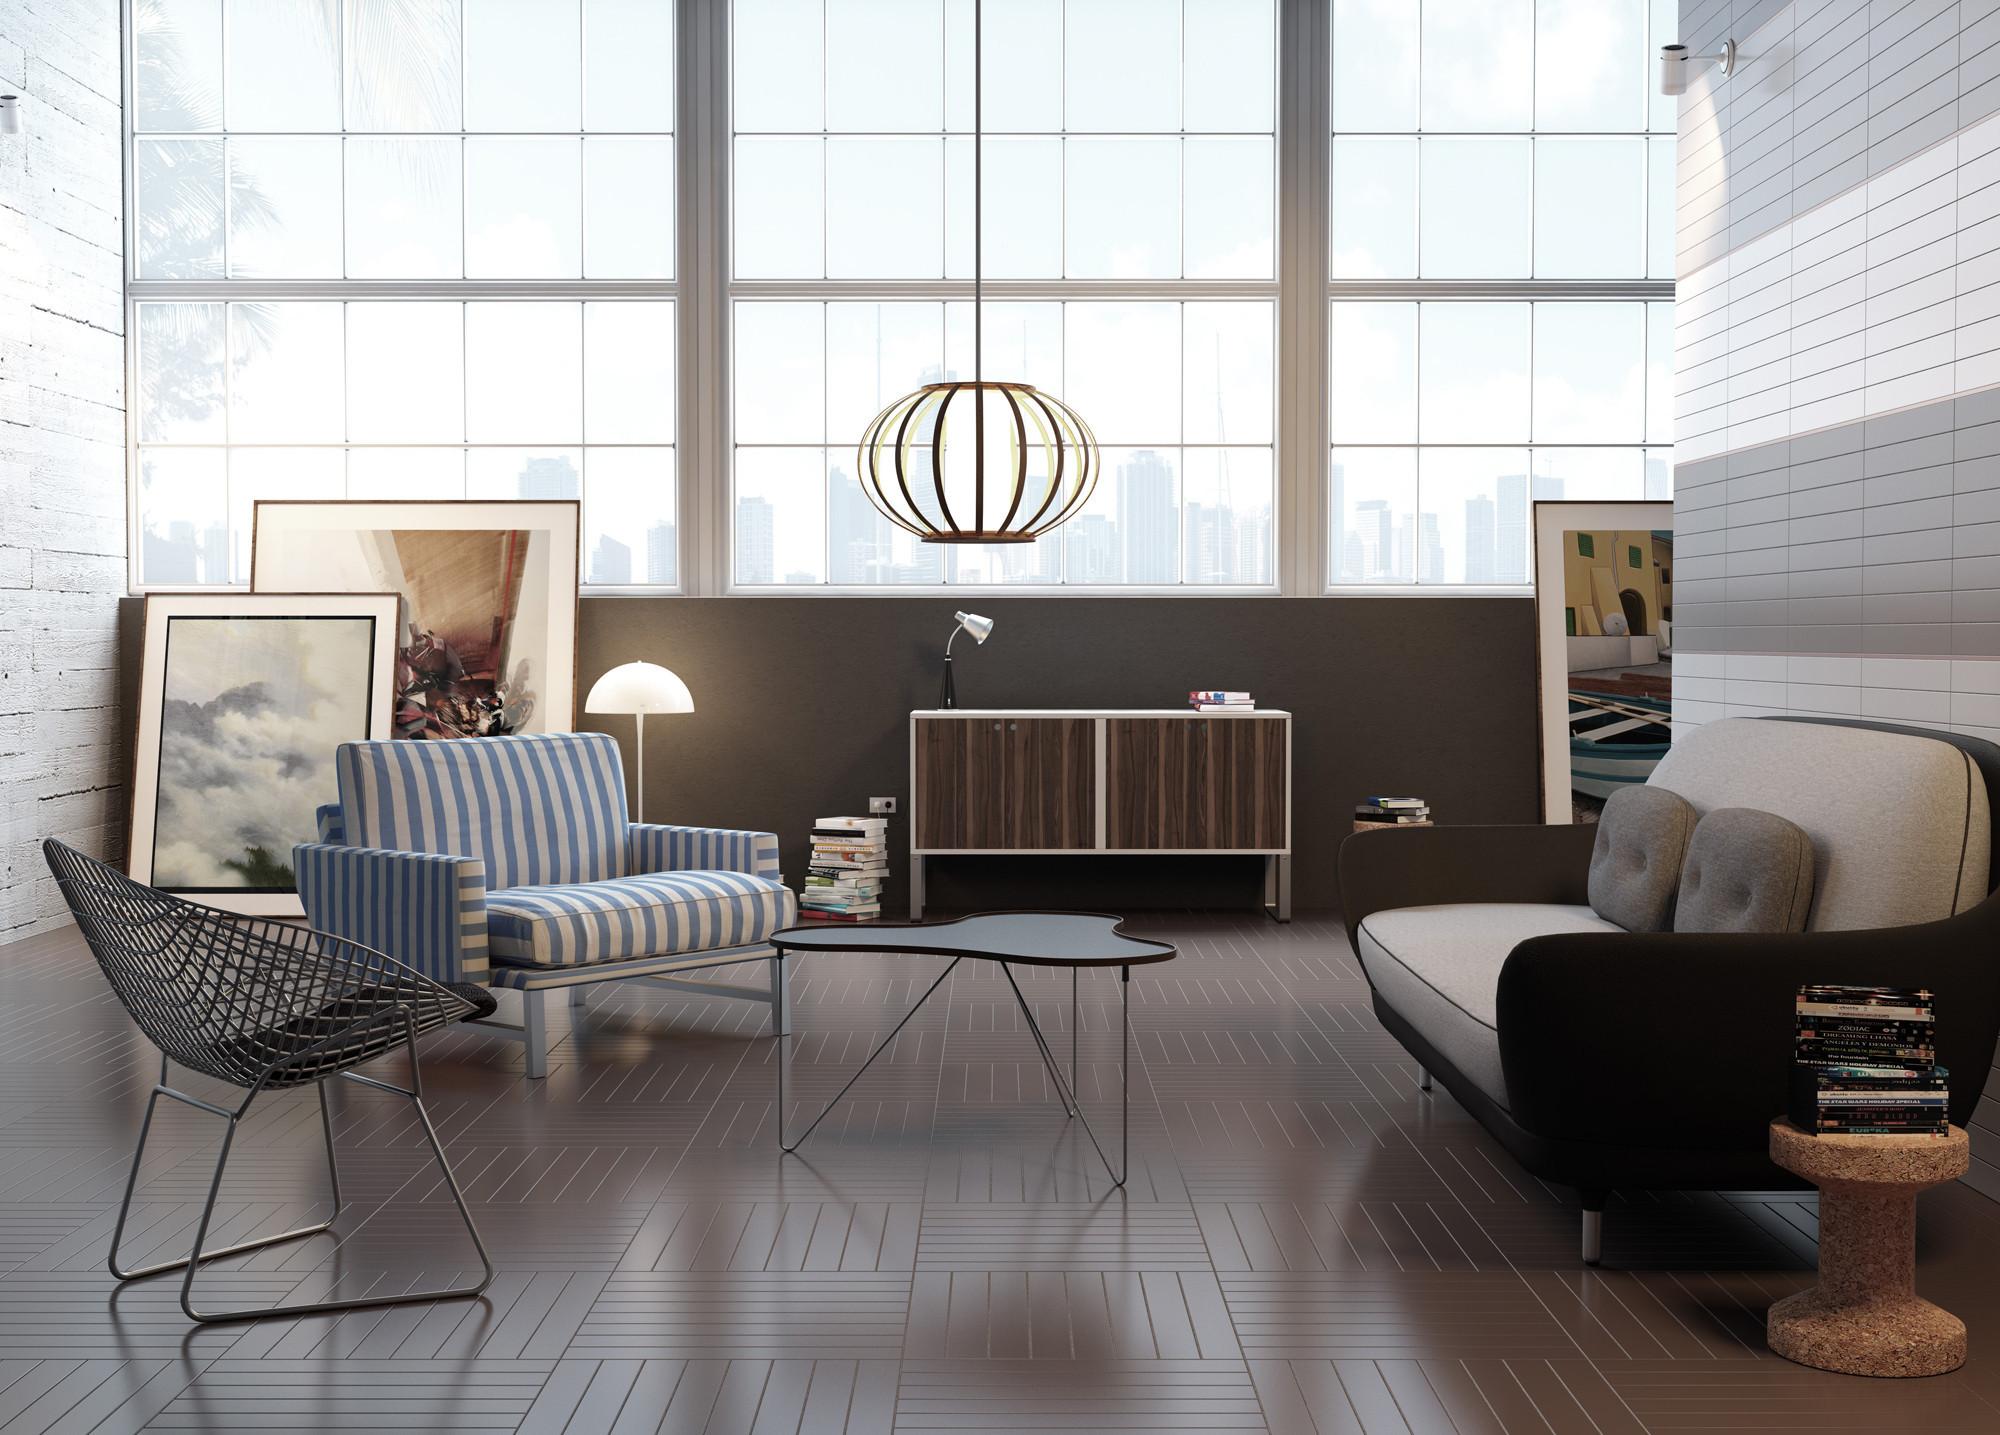 wohnr ume fliesen und platten einsatzbereiche baunetz wissen. Black Bedroom Furniture Sets. Home Design Ideas